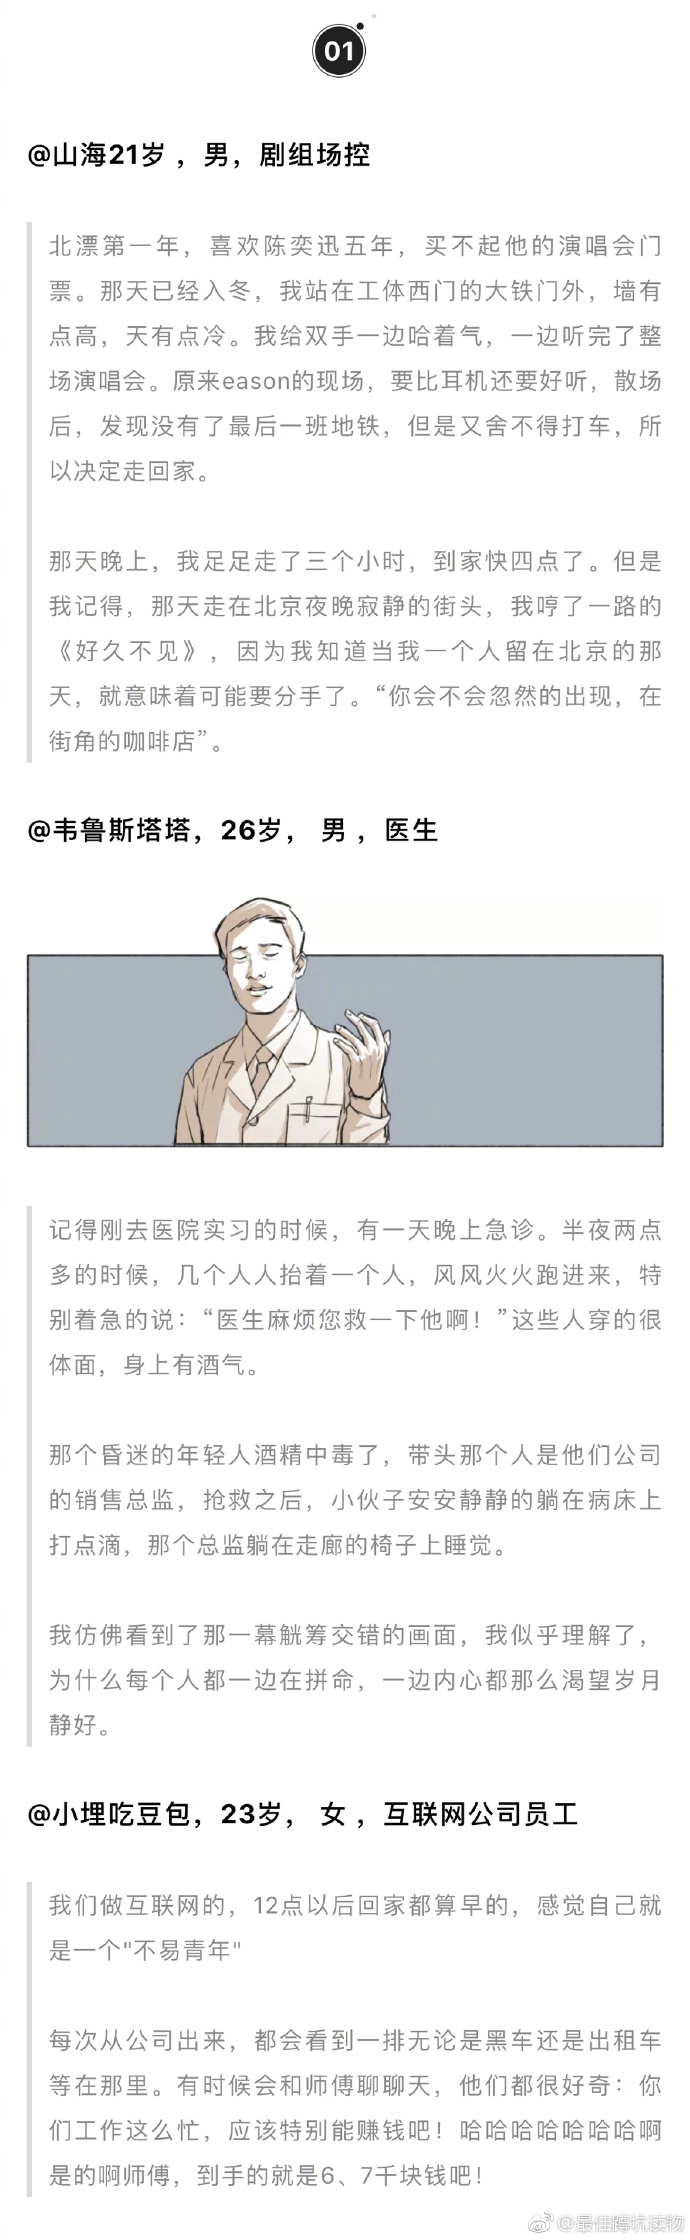 2018 青年福利微刊第 250 期:大吉大利,晚上吃鸡